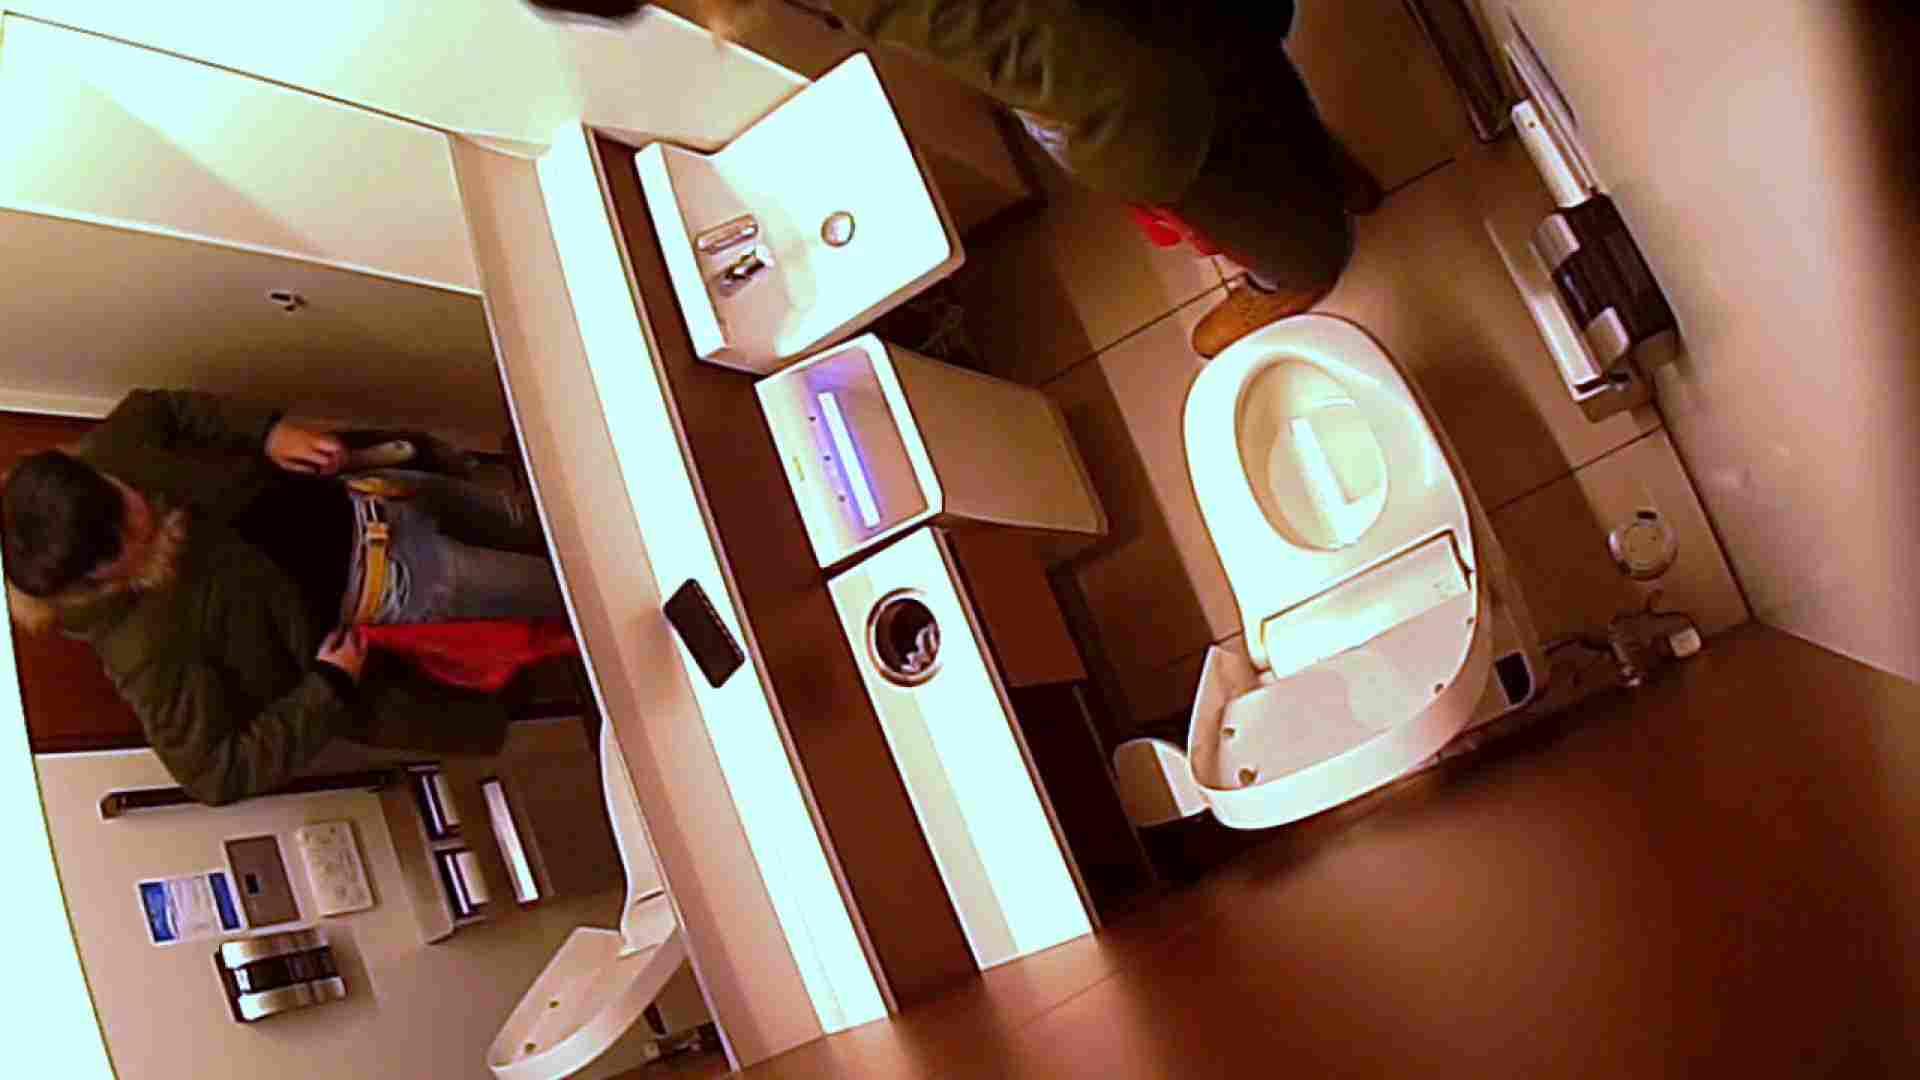 おちんちん|イケメンの素顔in洗面所 Vol.01|イケメン